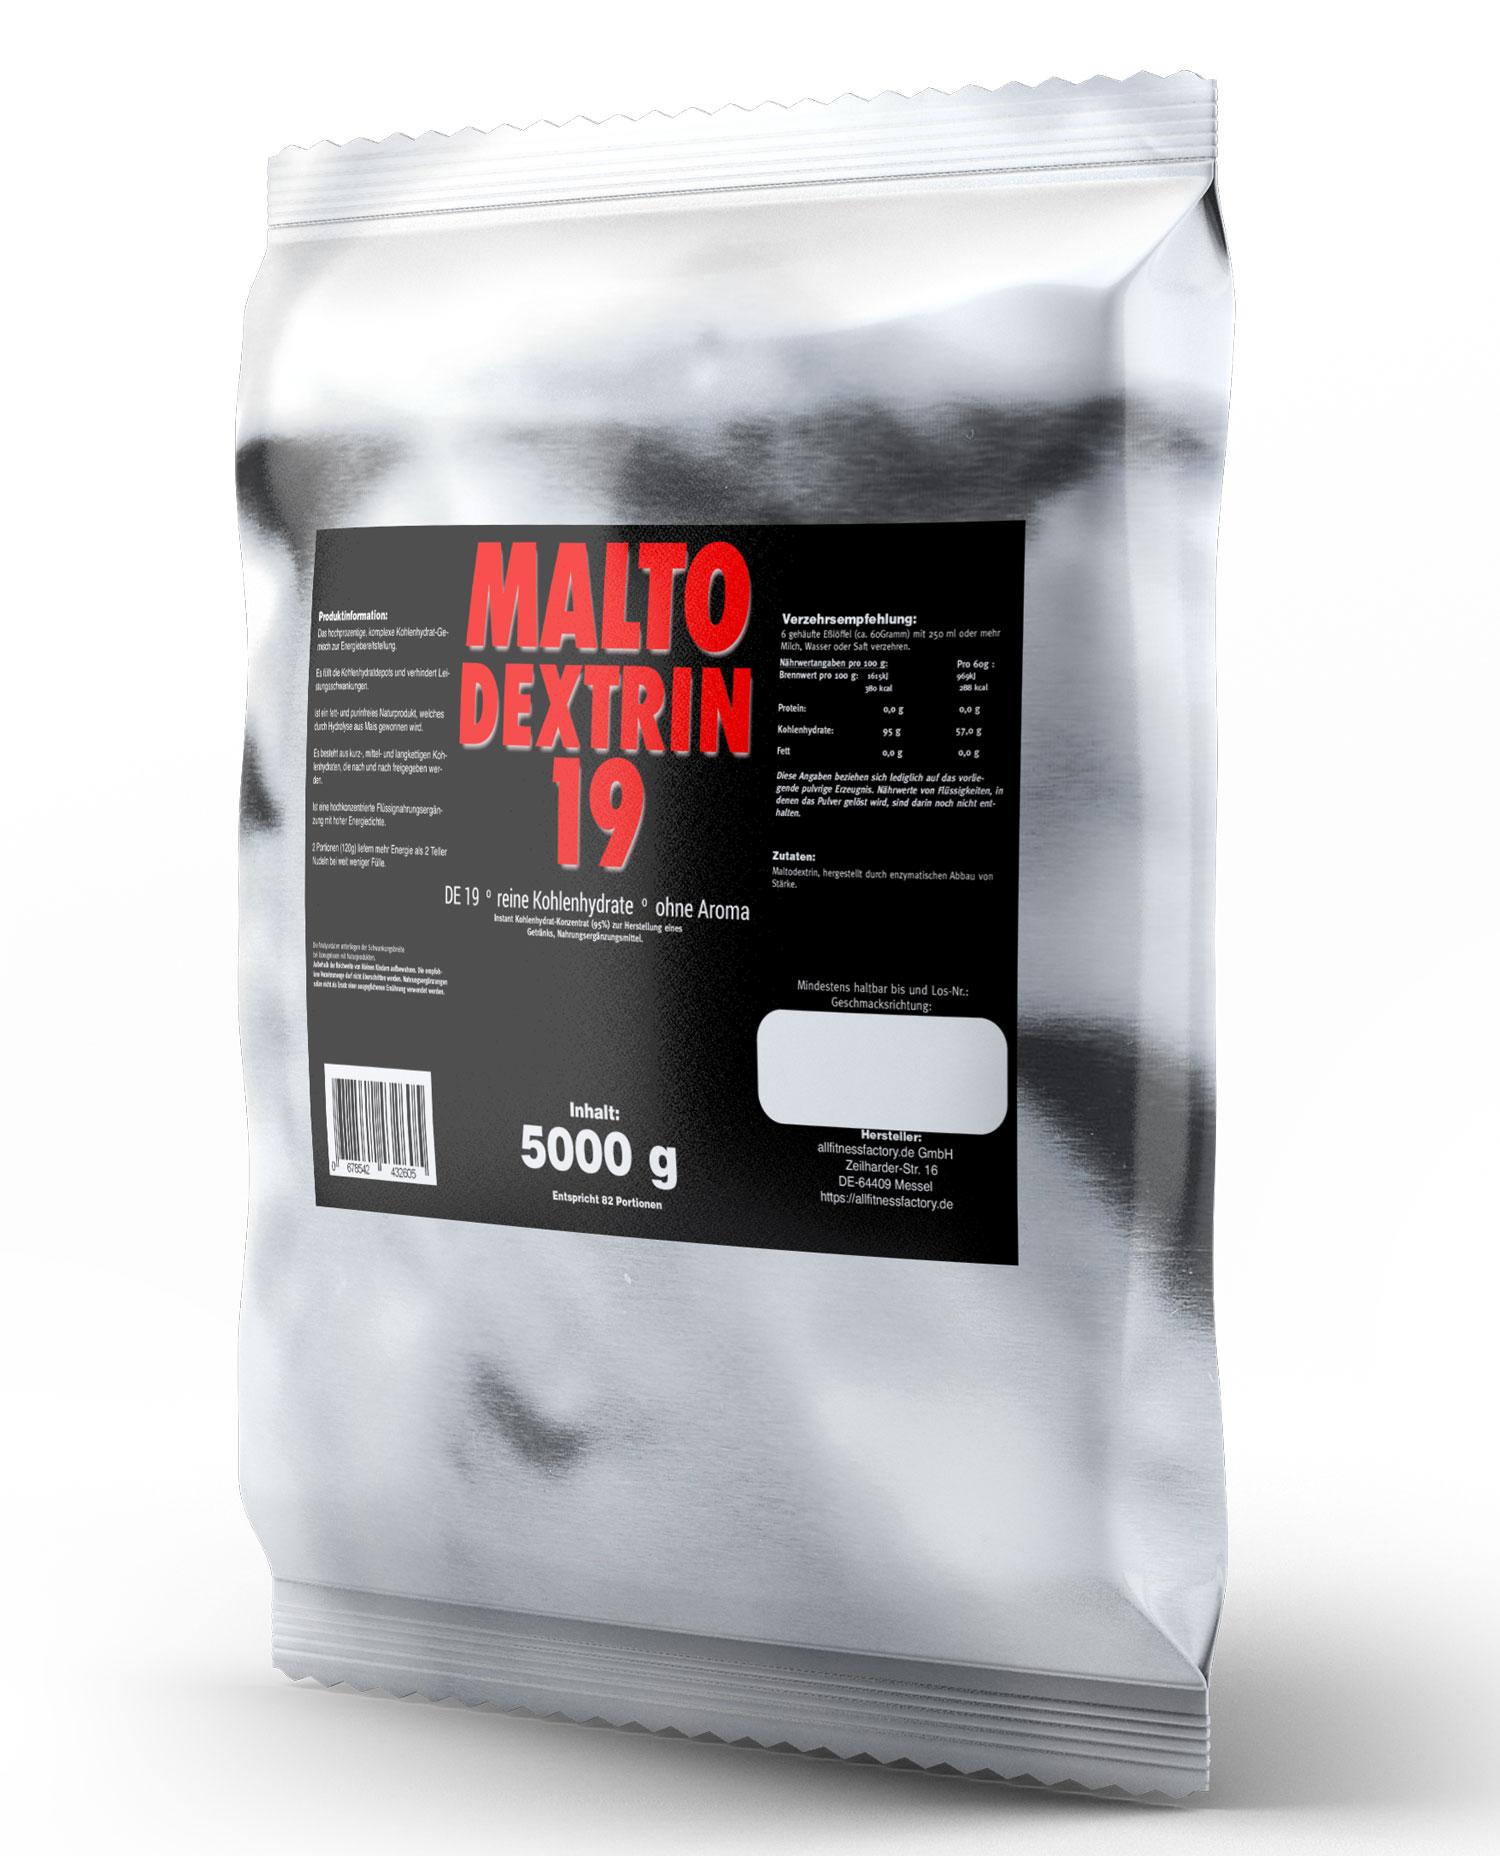 Maltodextrin 5Kg Kohlenhydrate Malto Dextrin ALU Beutel Rein Gainer Pulver